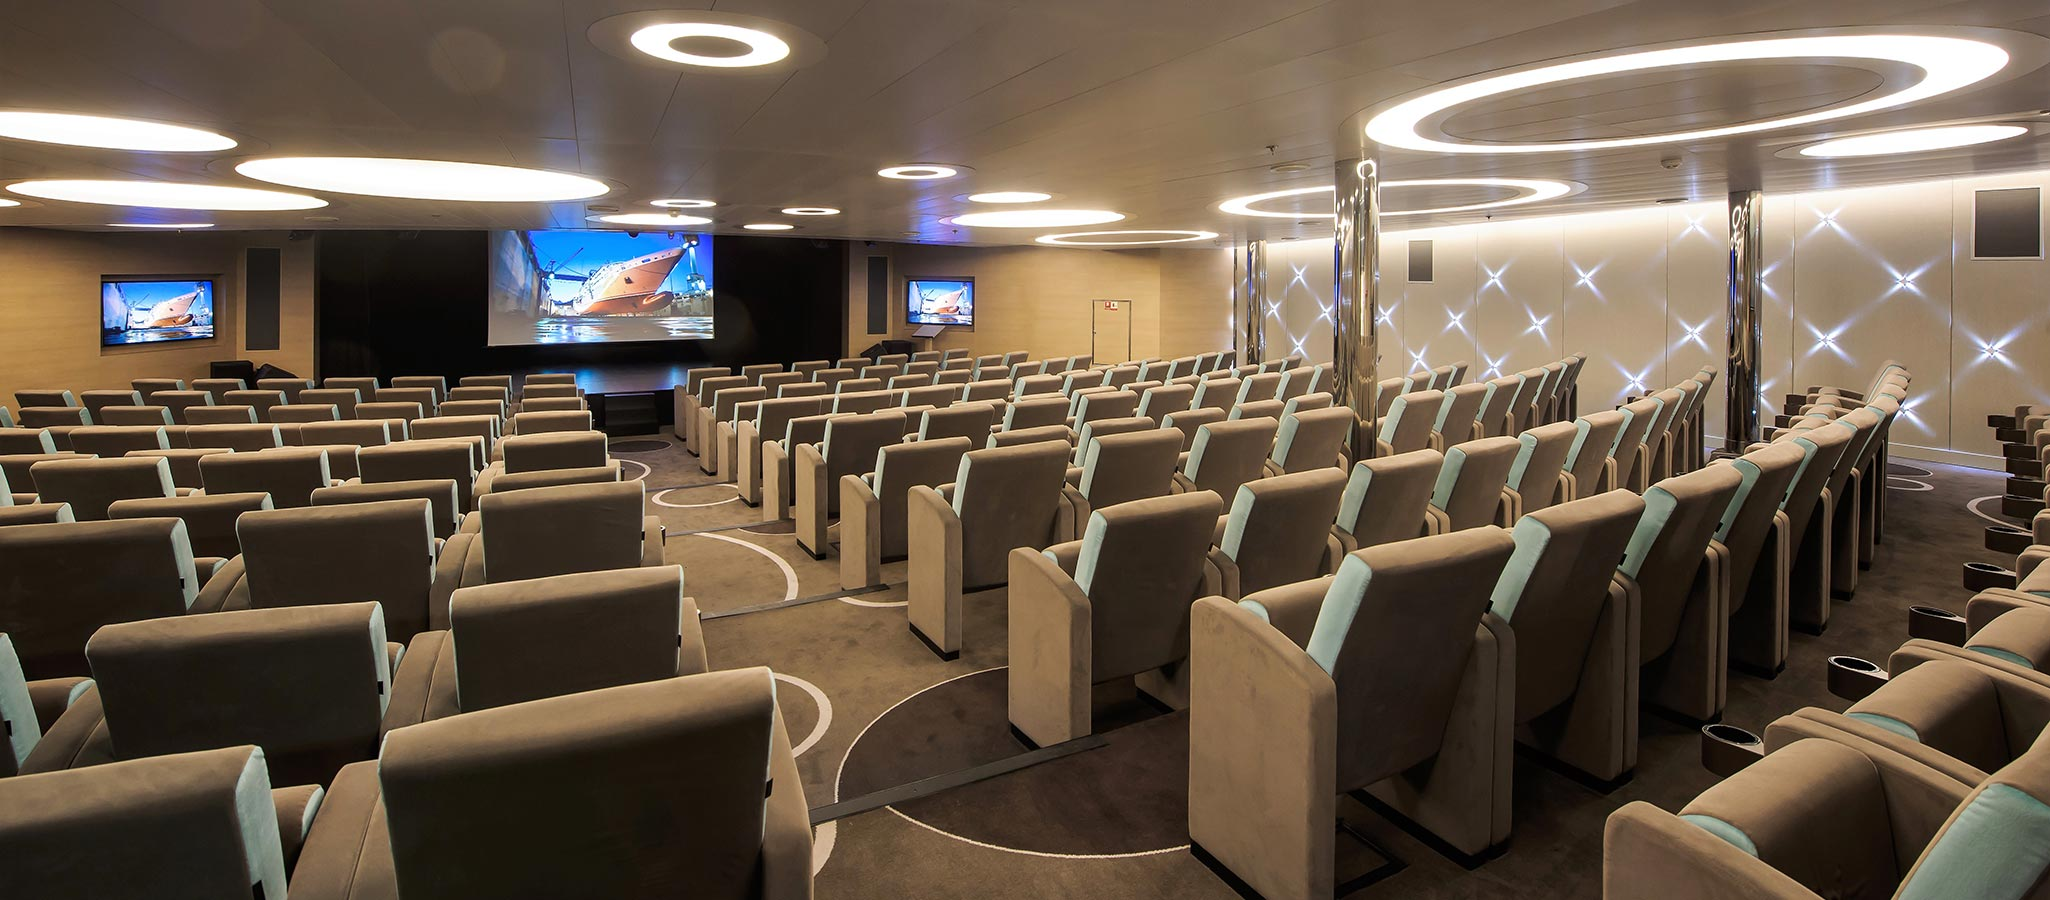 Konferenzschiffe zeichnen sich durch wohl durchdachte Tagungsräumlichkeiten aus. Die Showlounges bieten i.d.R. Platz für alle Passagiere an Bord.